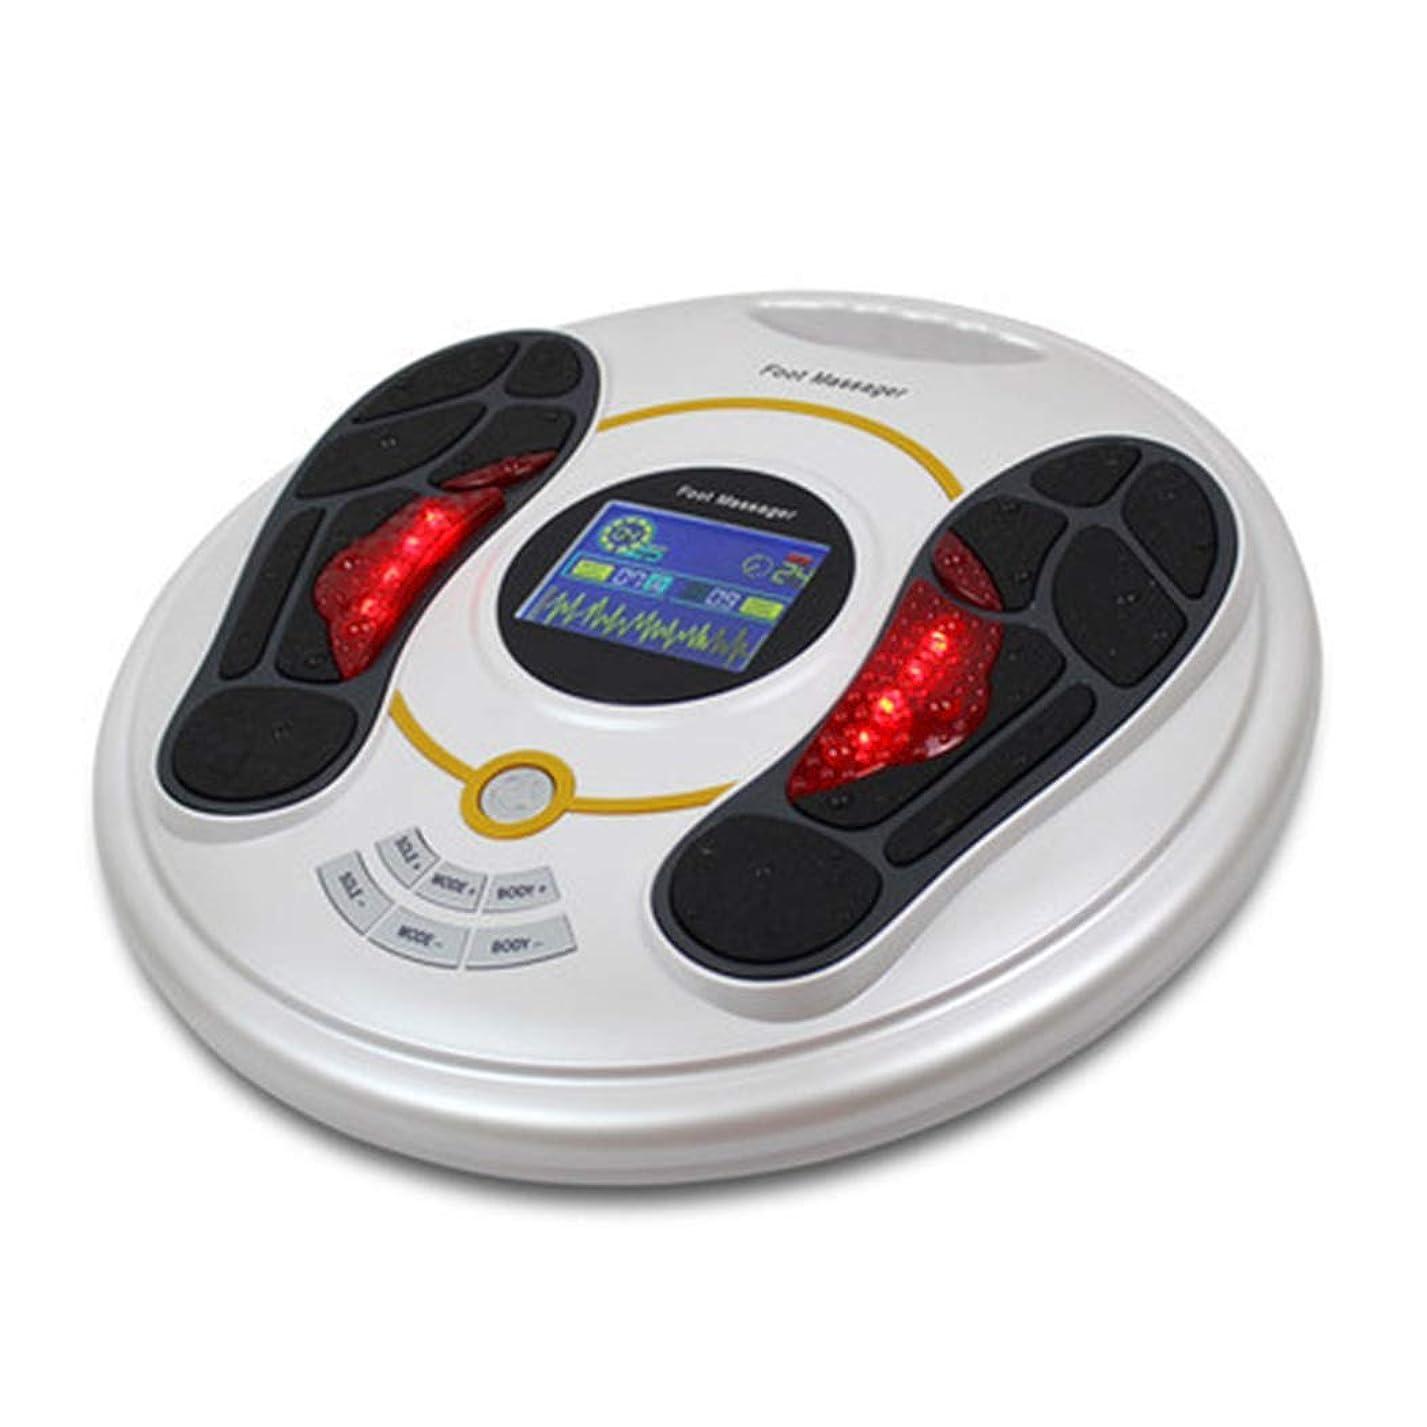 交流する符号起こる血液循環を促進リモートコントロールフットマッサージャー指圧マシン電動足マッサージャースパ、熱、ディープニーディング機能ホームオフィスでの使用のための足のストレス緩和インテリジェント、ホワイト